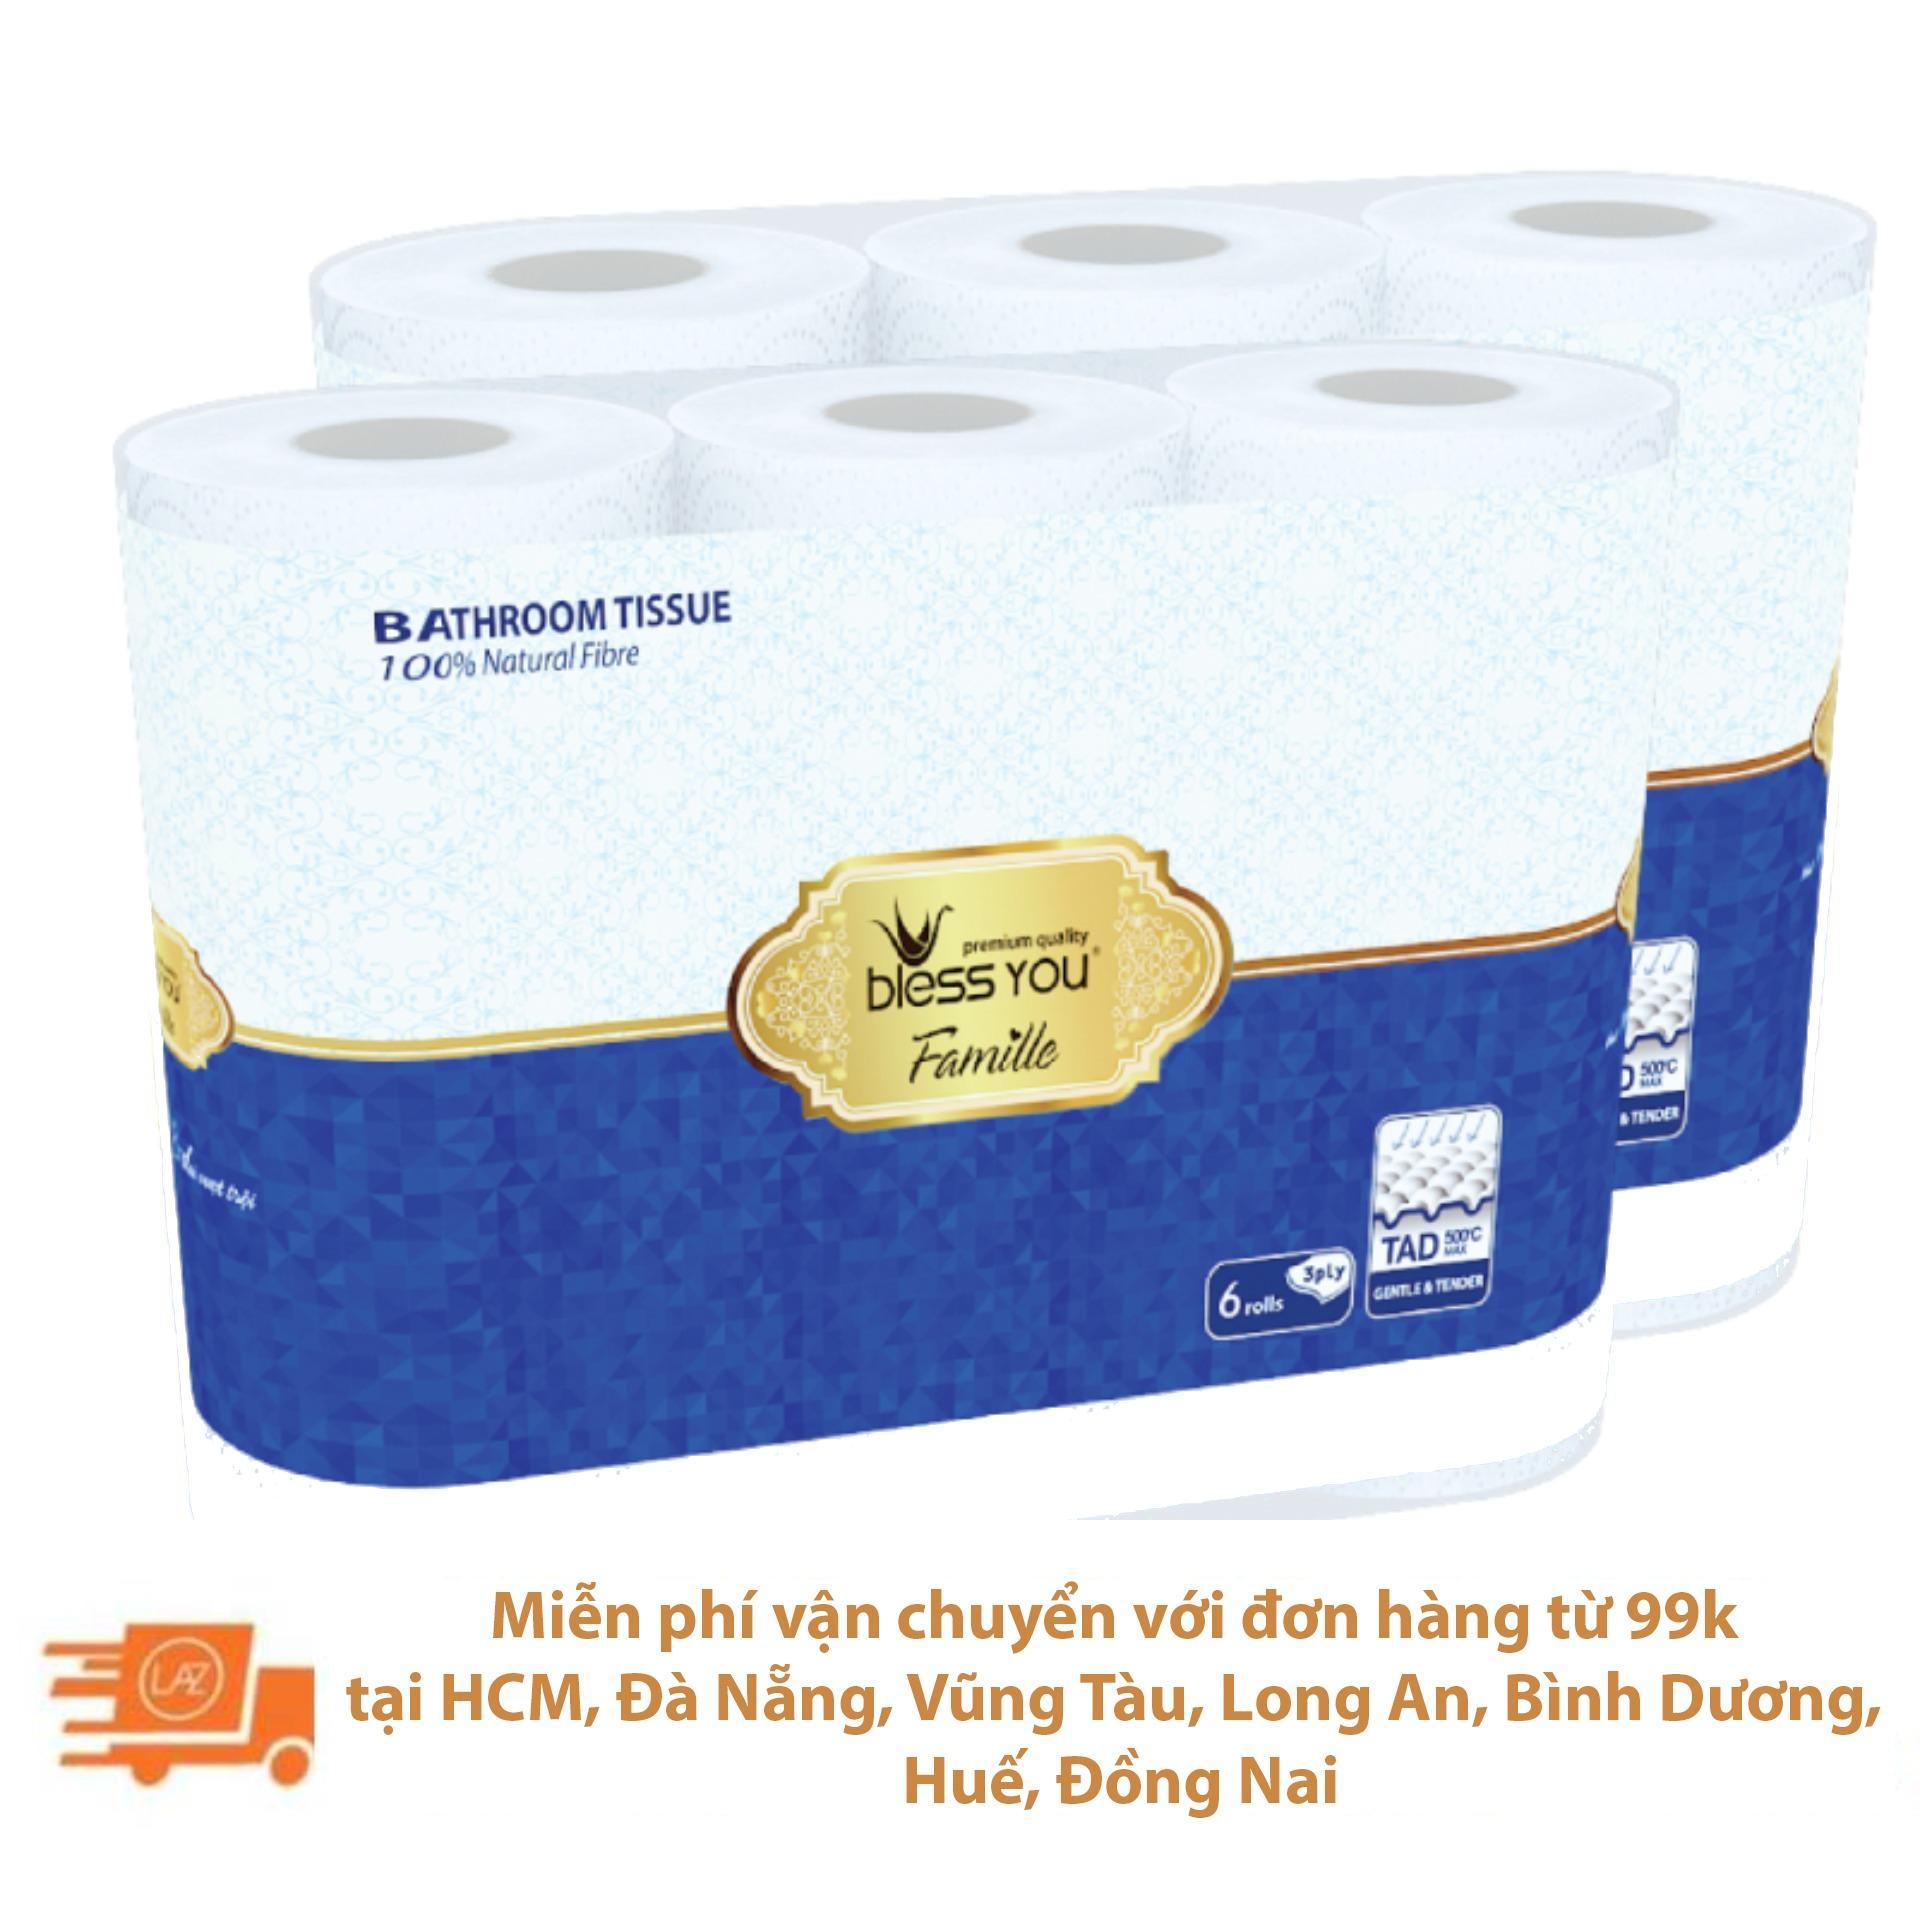 Bộ 2 lốc giấy vệ sinh Bless You Famille 6 cuộn